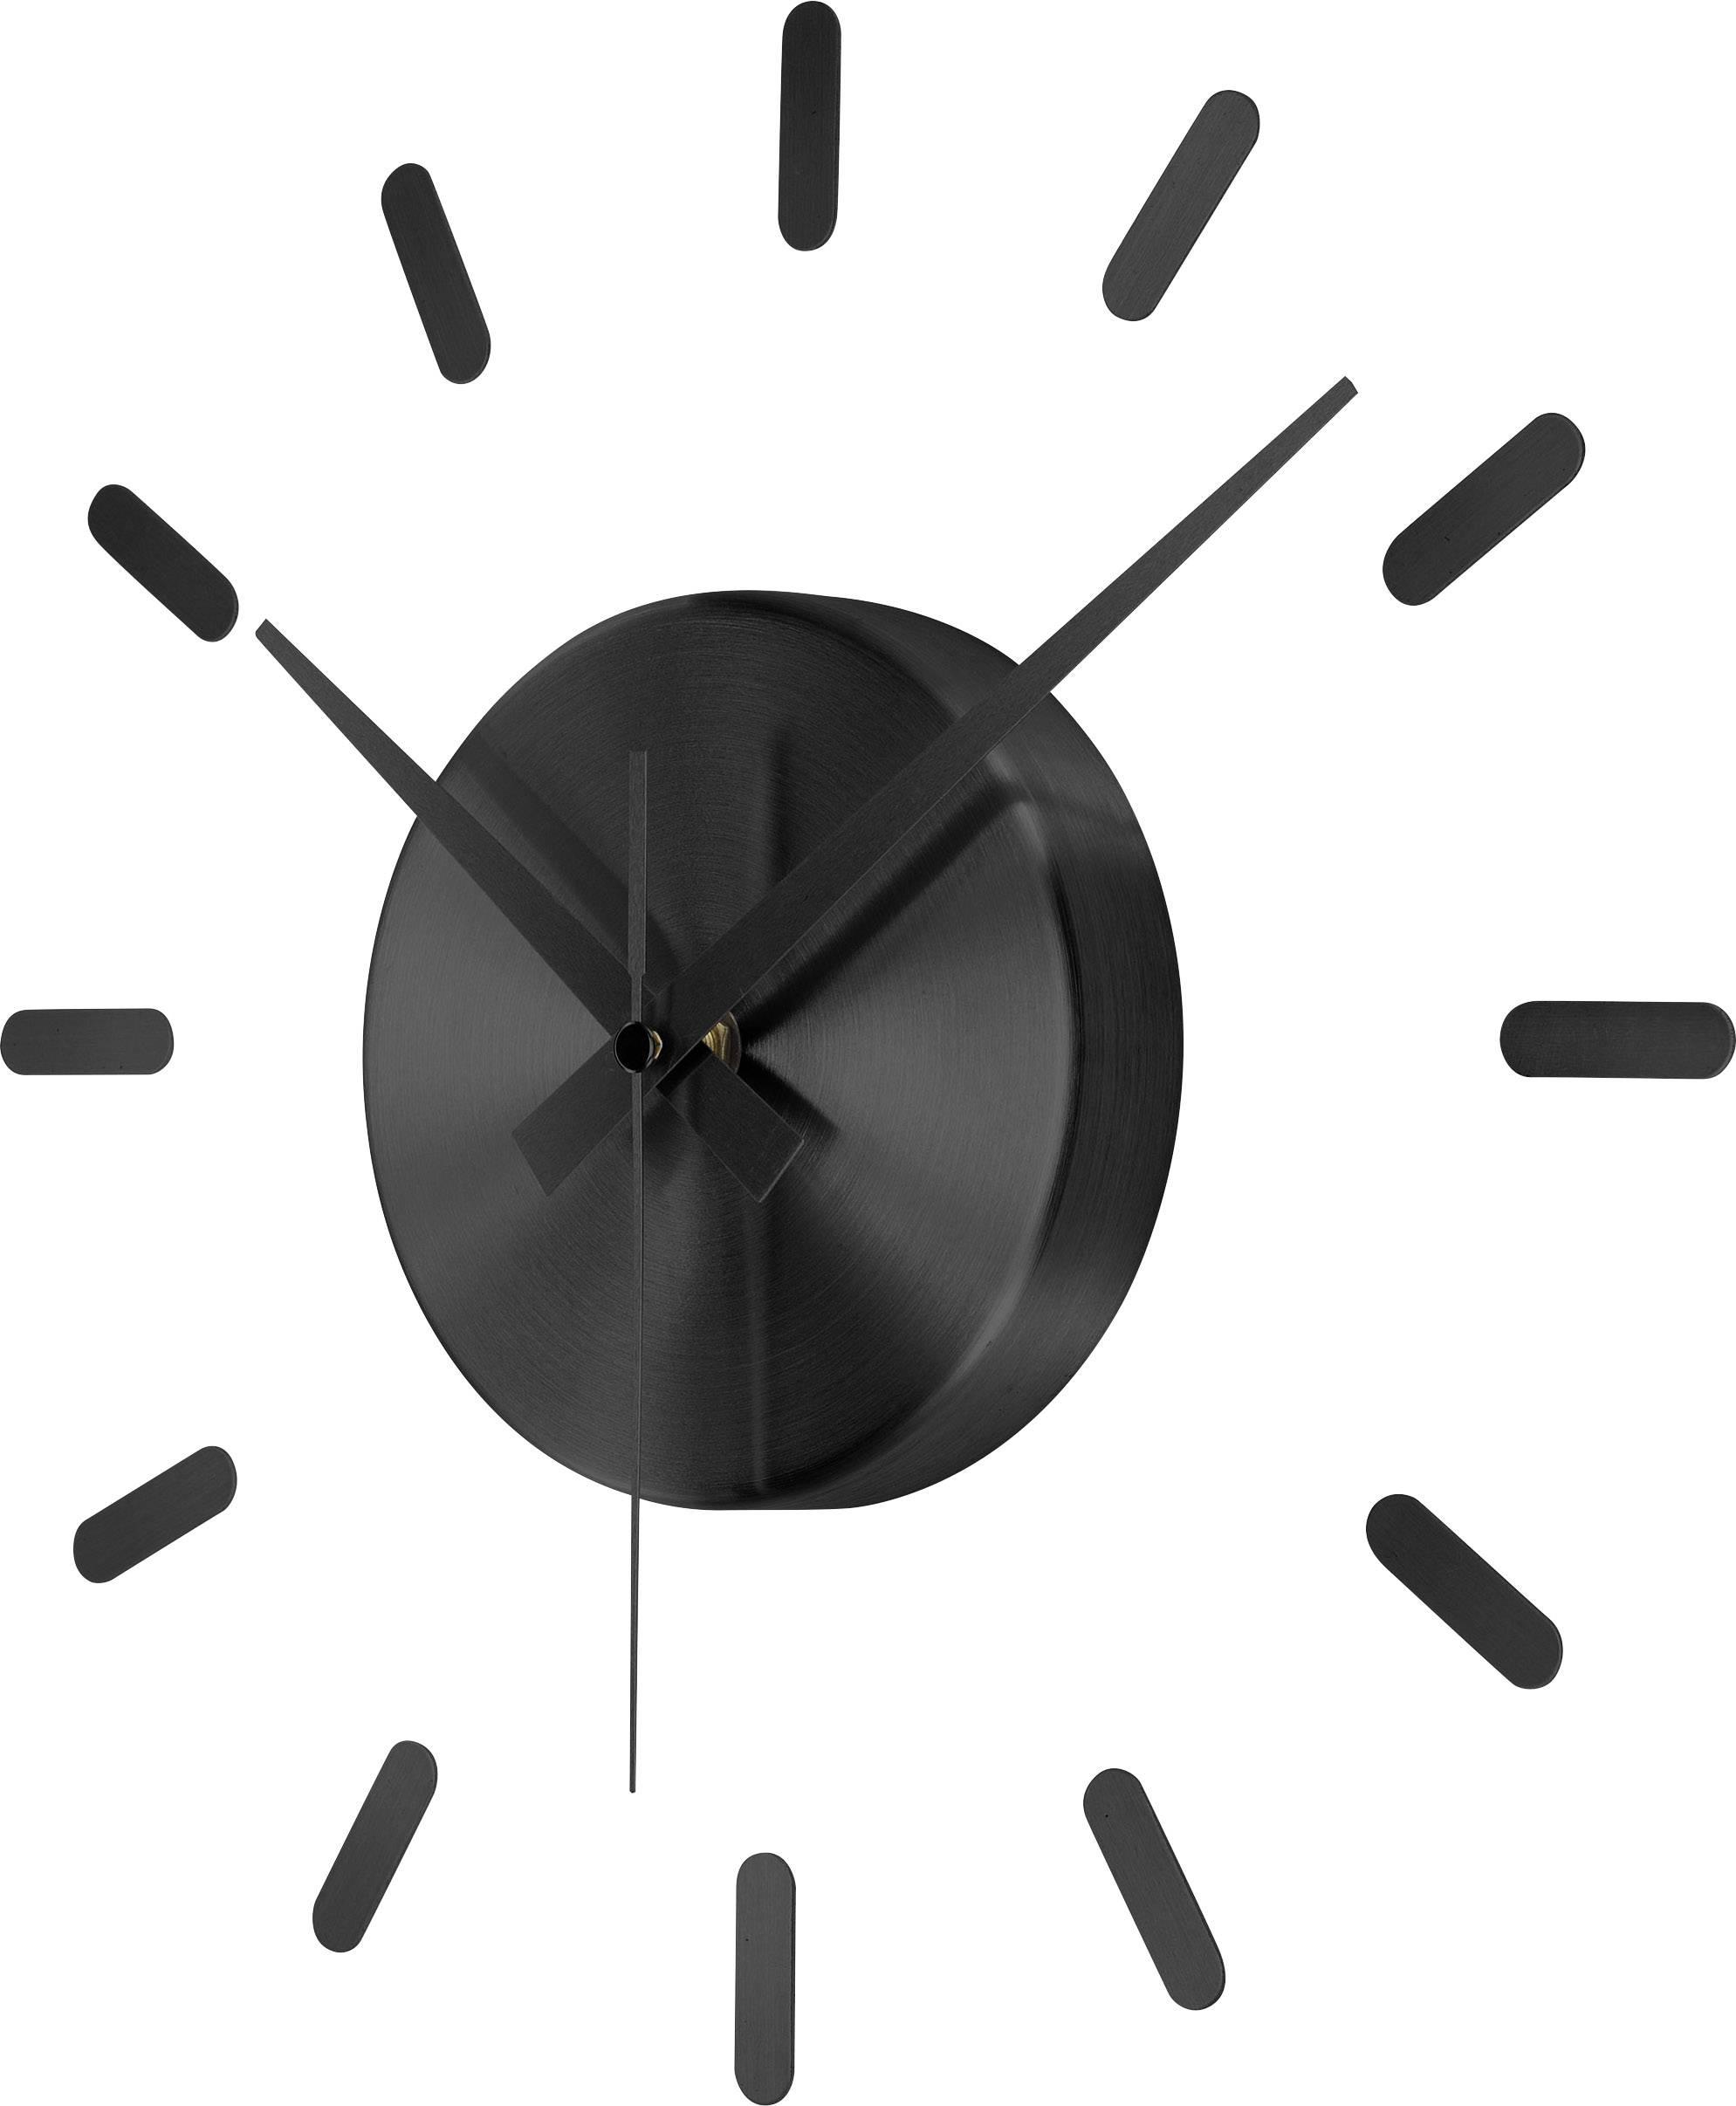 Nástěnné hodiny Quartz Renkforce HD-W152 SW (Ø) 350 mm černé